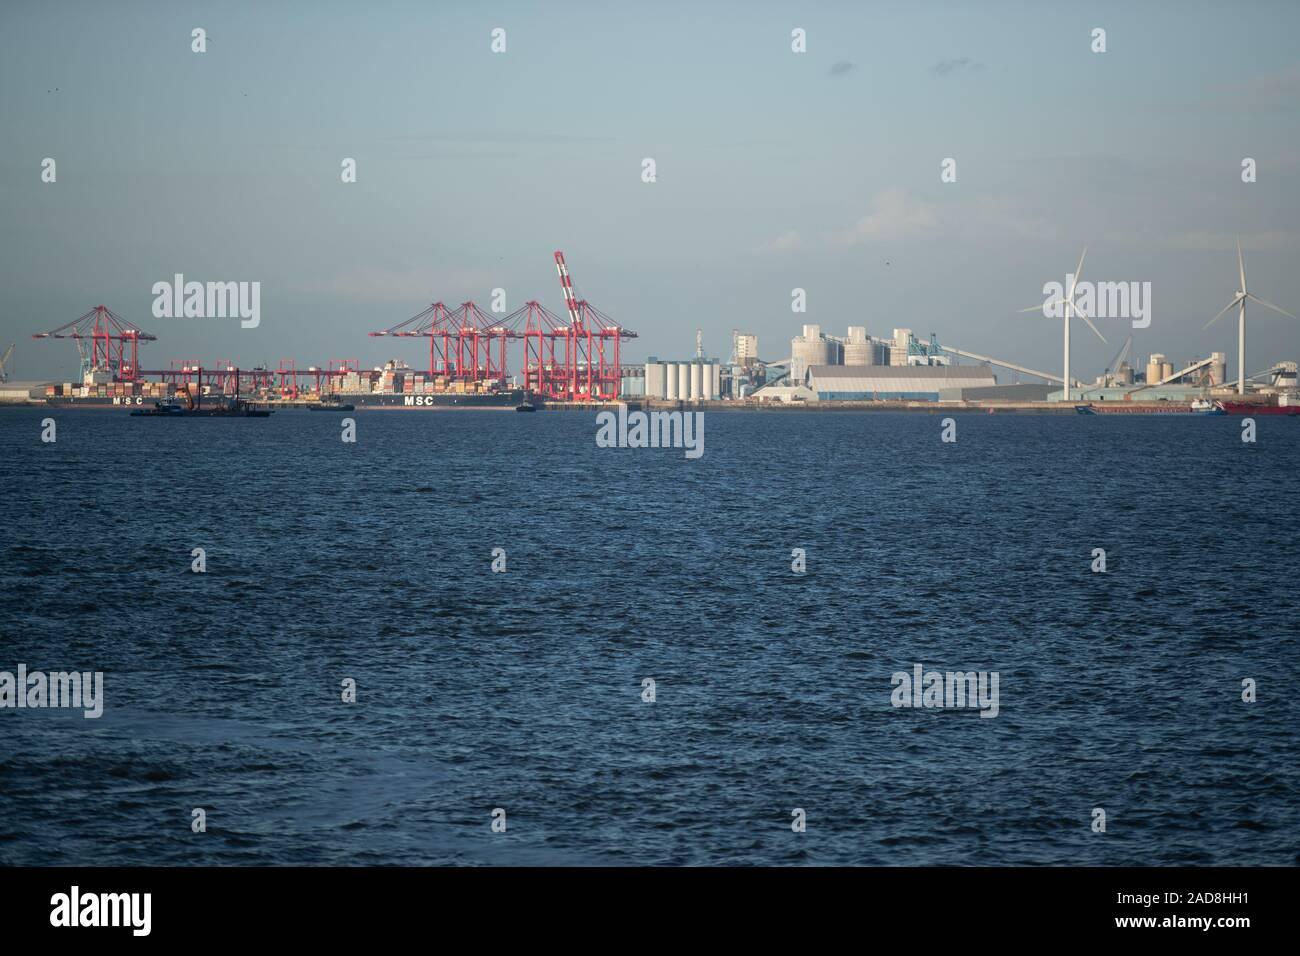 Grúas de contenedores stand sobre los buques en el muelle de contenedores terminal de Liverpool2. Liverpool2 es una extensión de la terminal de contenedores adyacente al río Mersey e Foto de stock